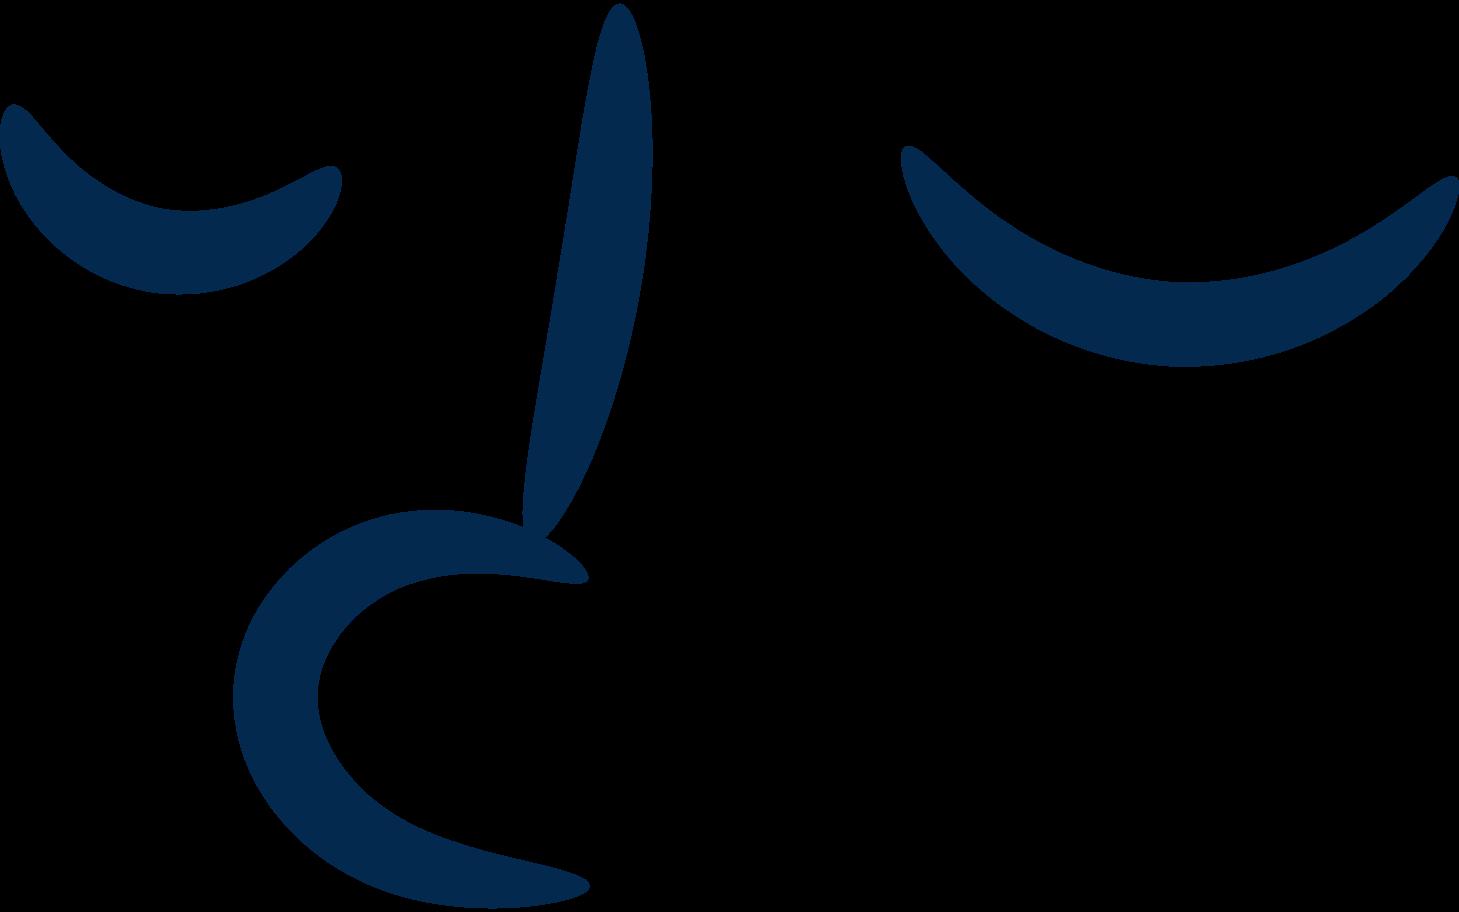 Gesicht ruhig Clipart-Grafik als PNG, SVG